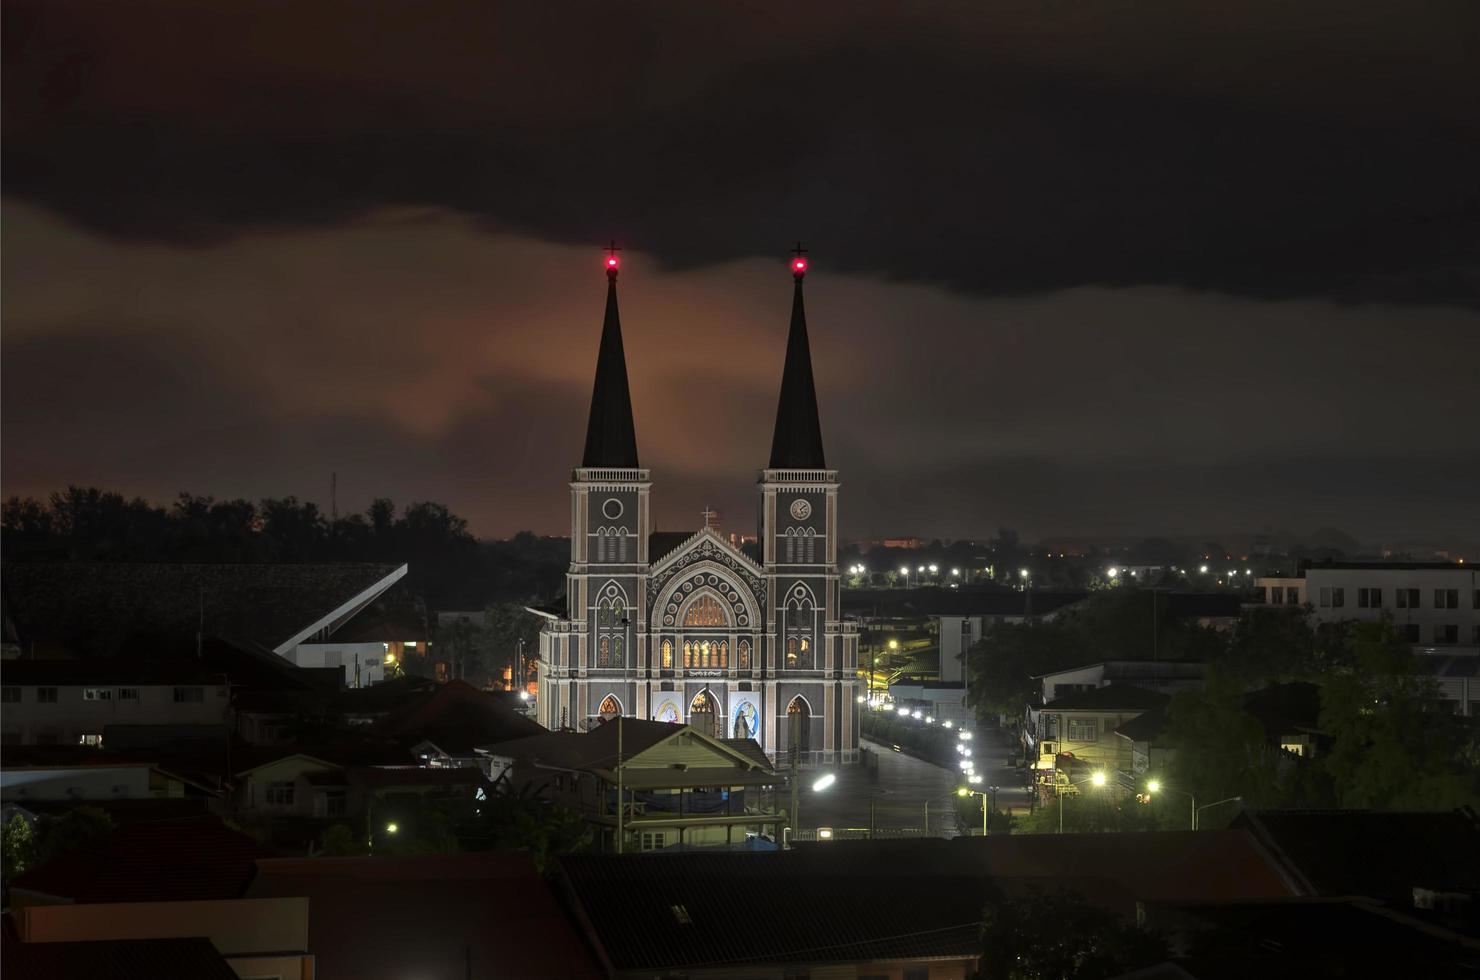 katholische kirche nachts in thailand foto